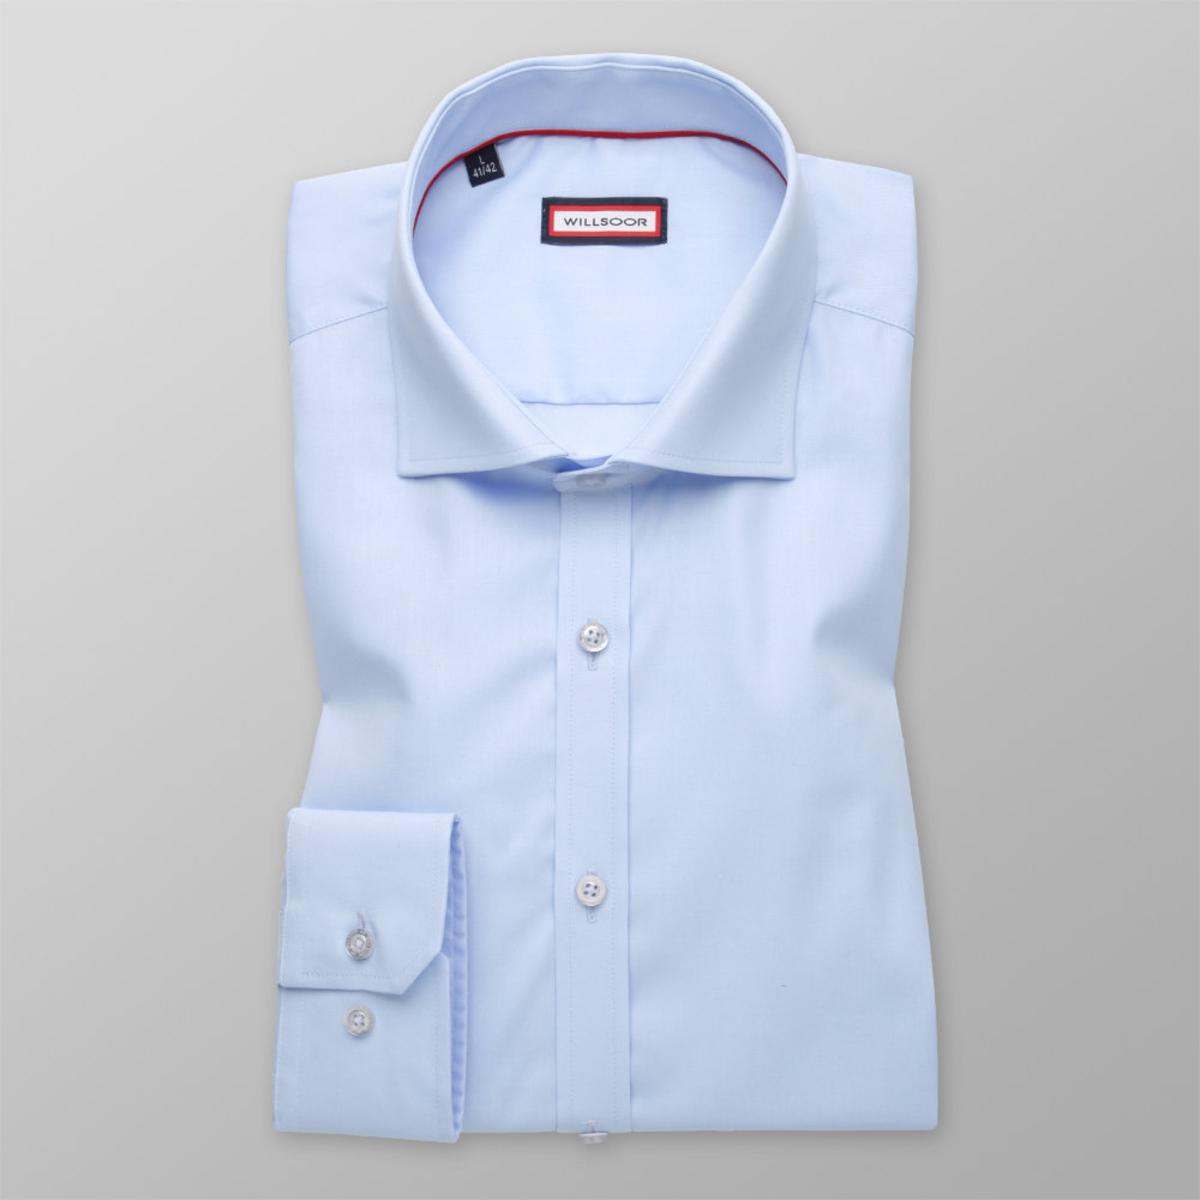 Košile Extra Slim Fit světle modrá (výška 176-182) 11013 176-182 / XL (43/44)